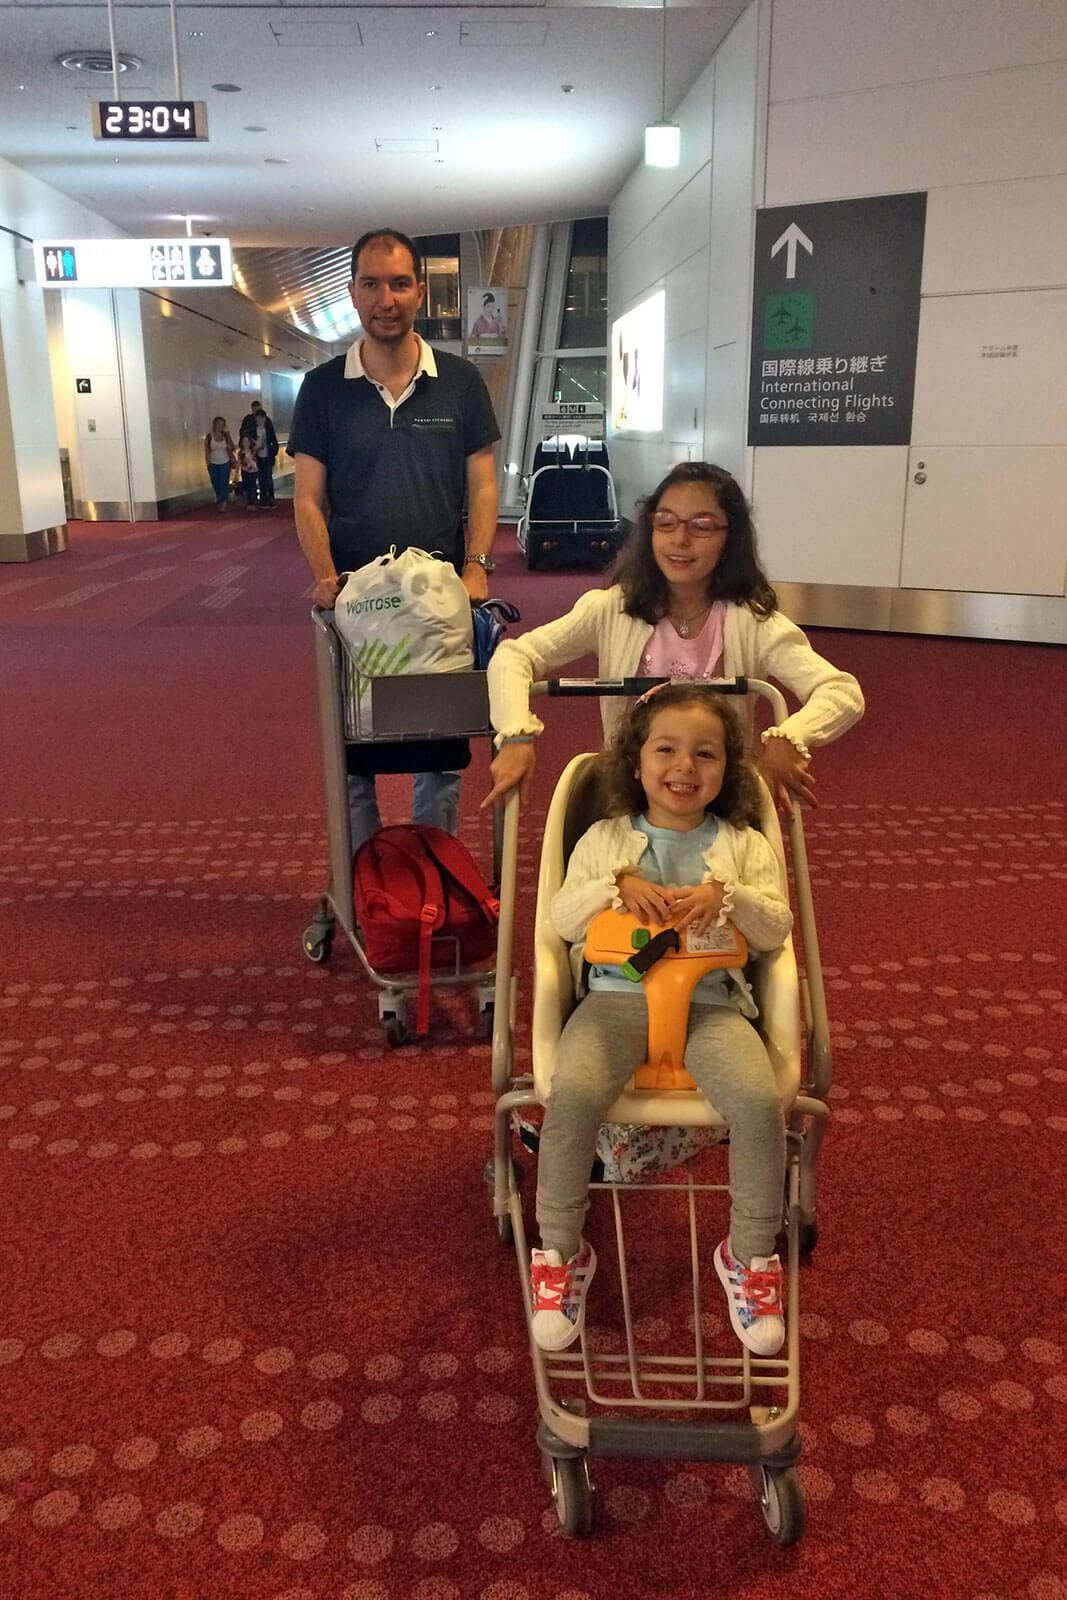 Família da Rita Aleluia no corredor de um terminal de aeroporto.